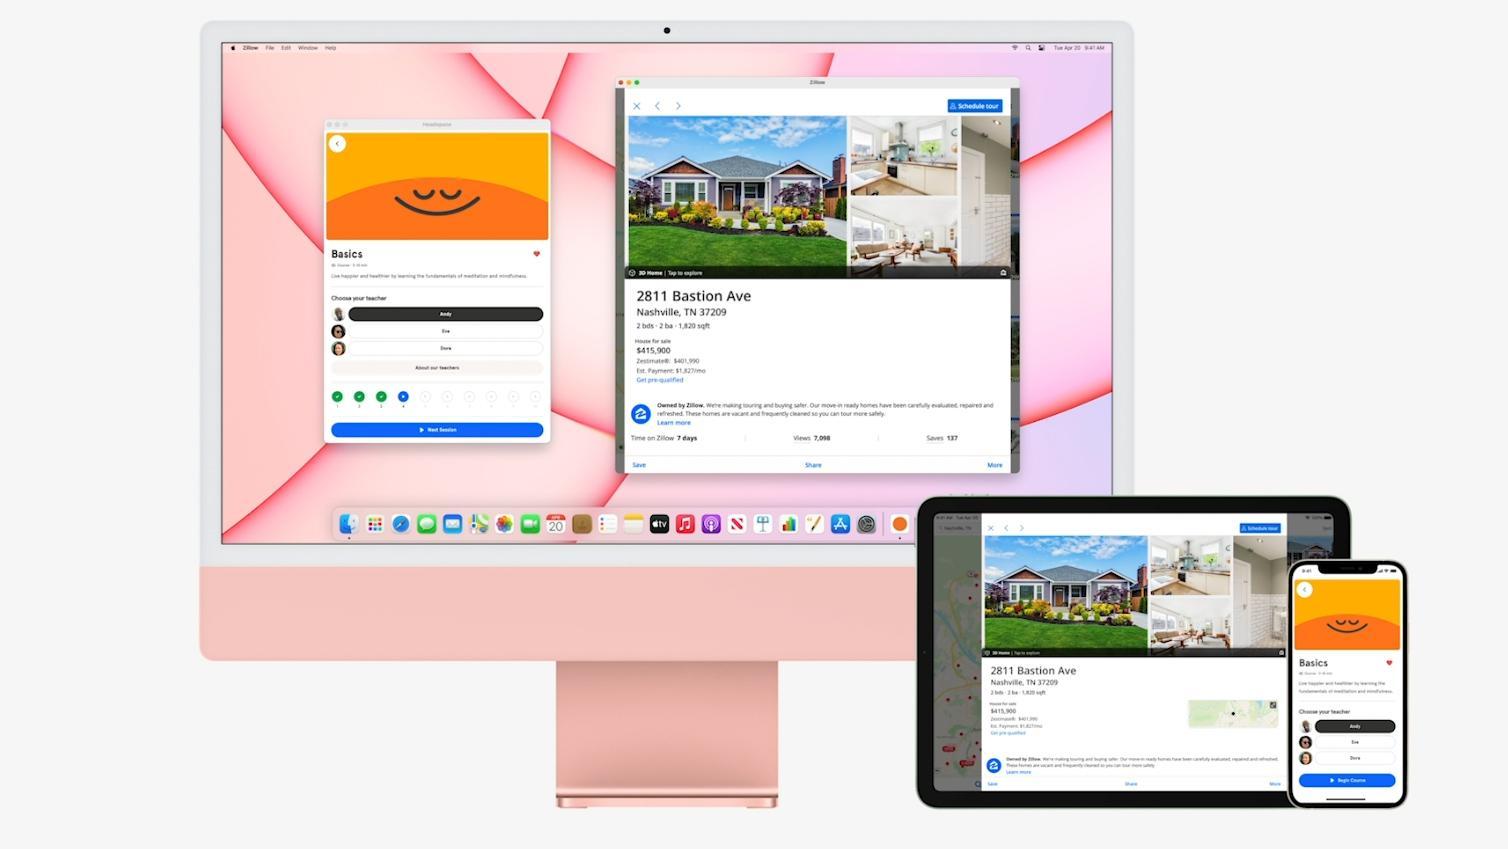 De M1-baserte iMacene lar deg kjøre iPad- og iPhone-apper på seg, samt veksle mellom å jobbe i dem på datamaskinen og de bærbare enhetene.